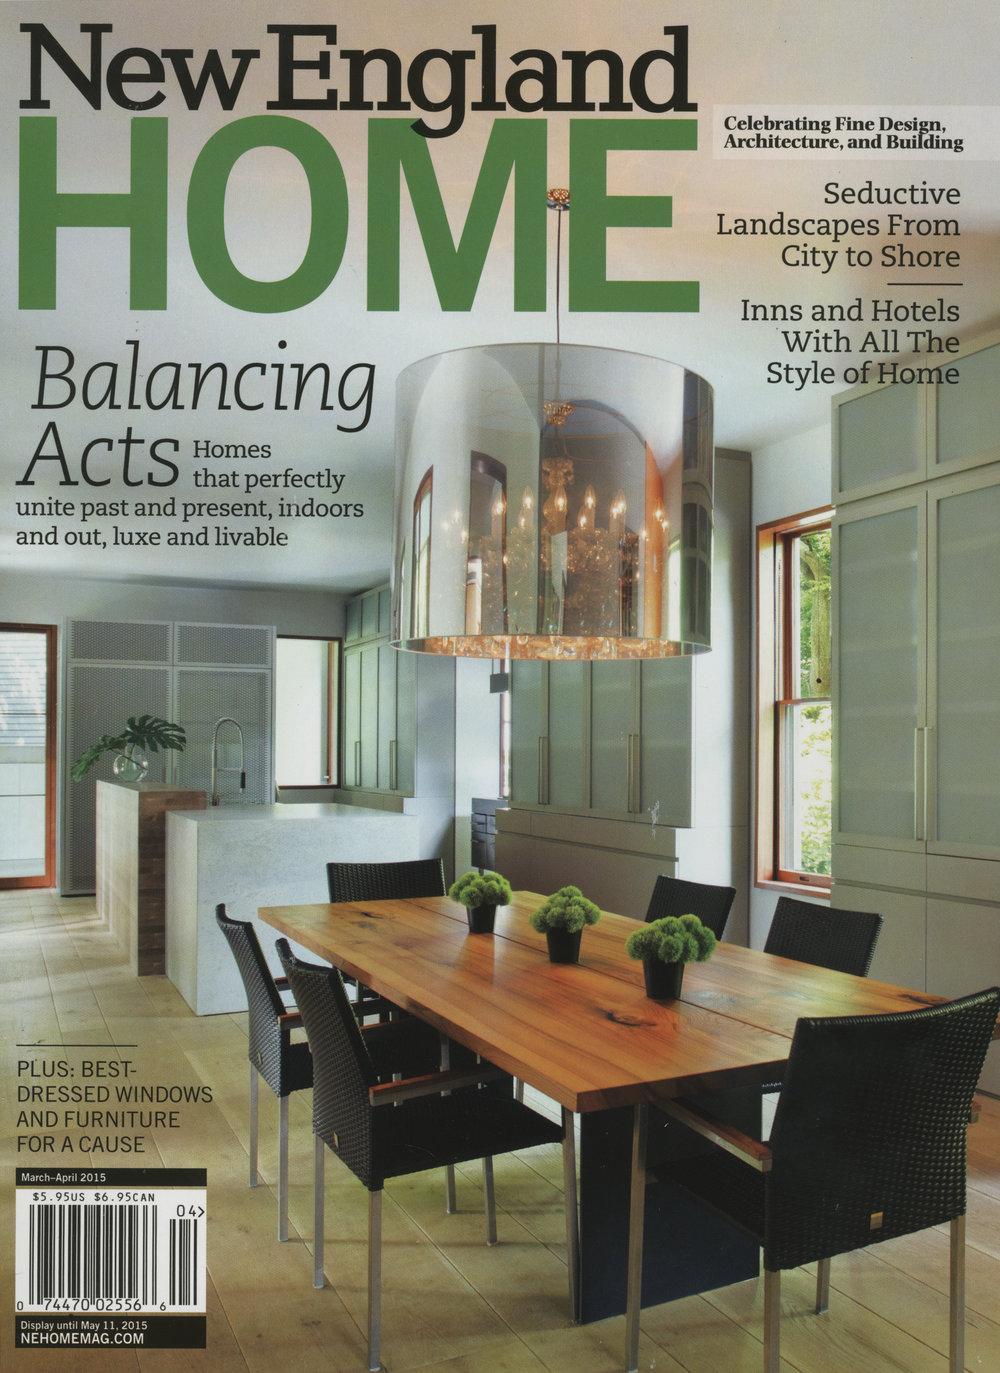 New England Home Mar_Apr 2015 Cover.jpg